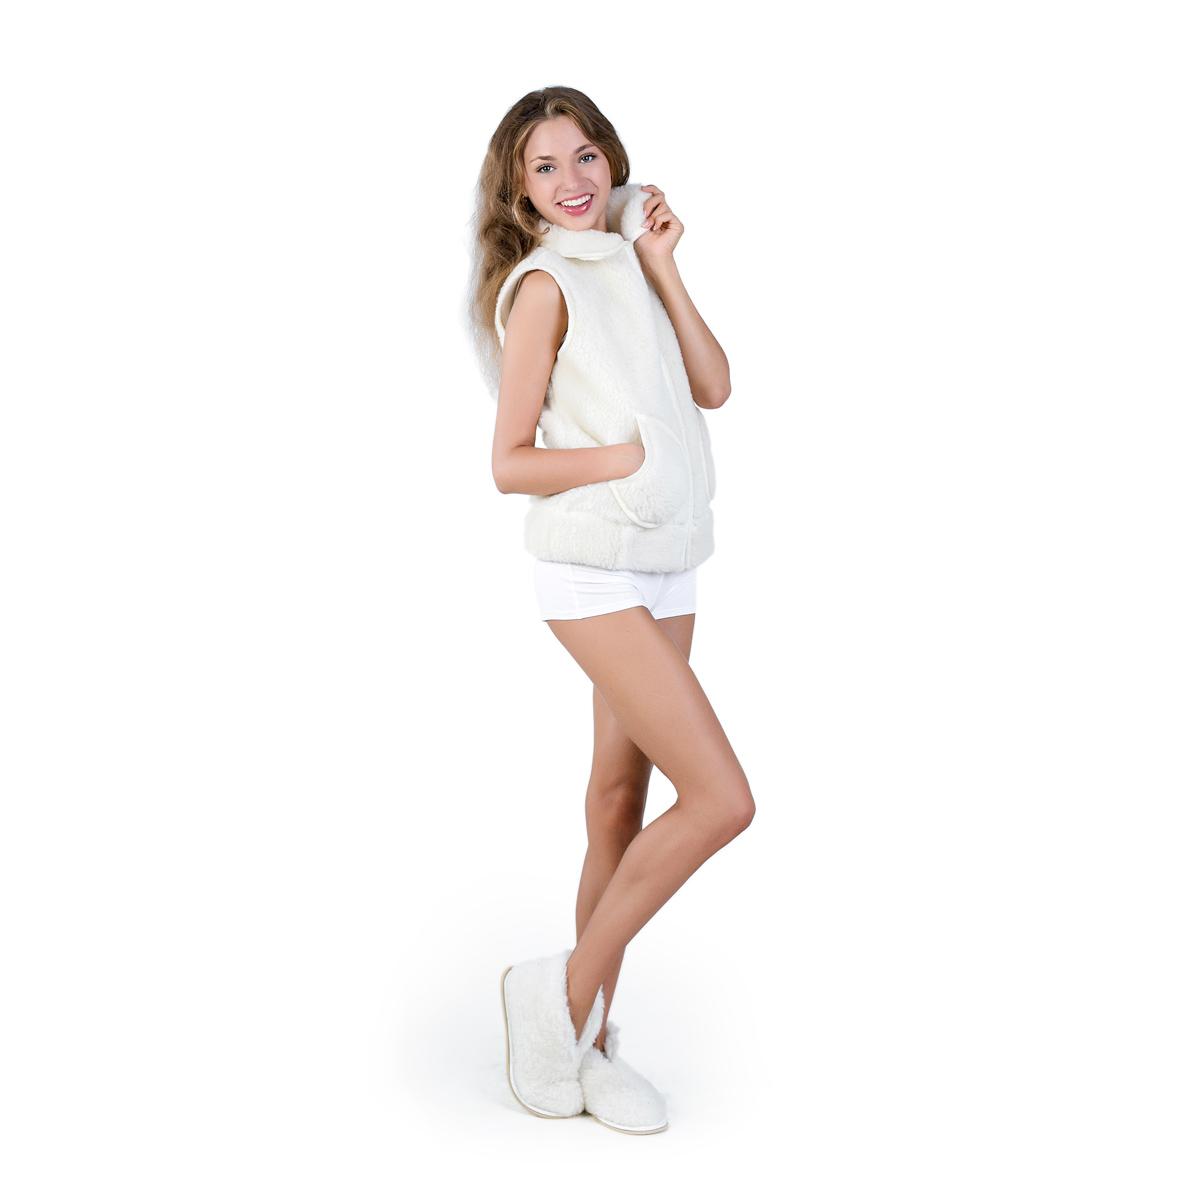 Жен. жилет  Модный  Белый р. 56 - Текстиль для здоровья артикул: 21880